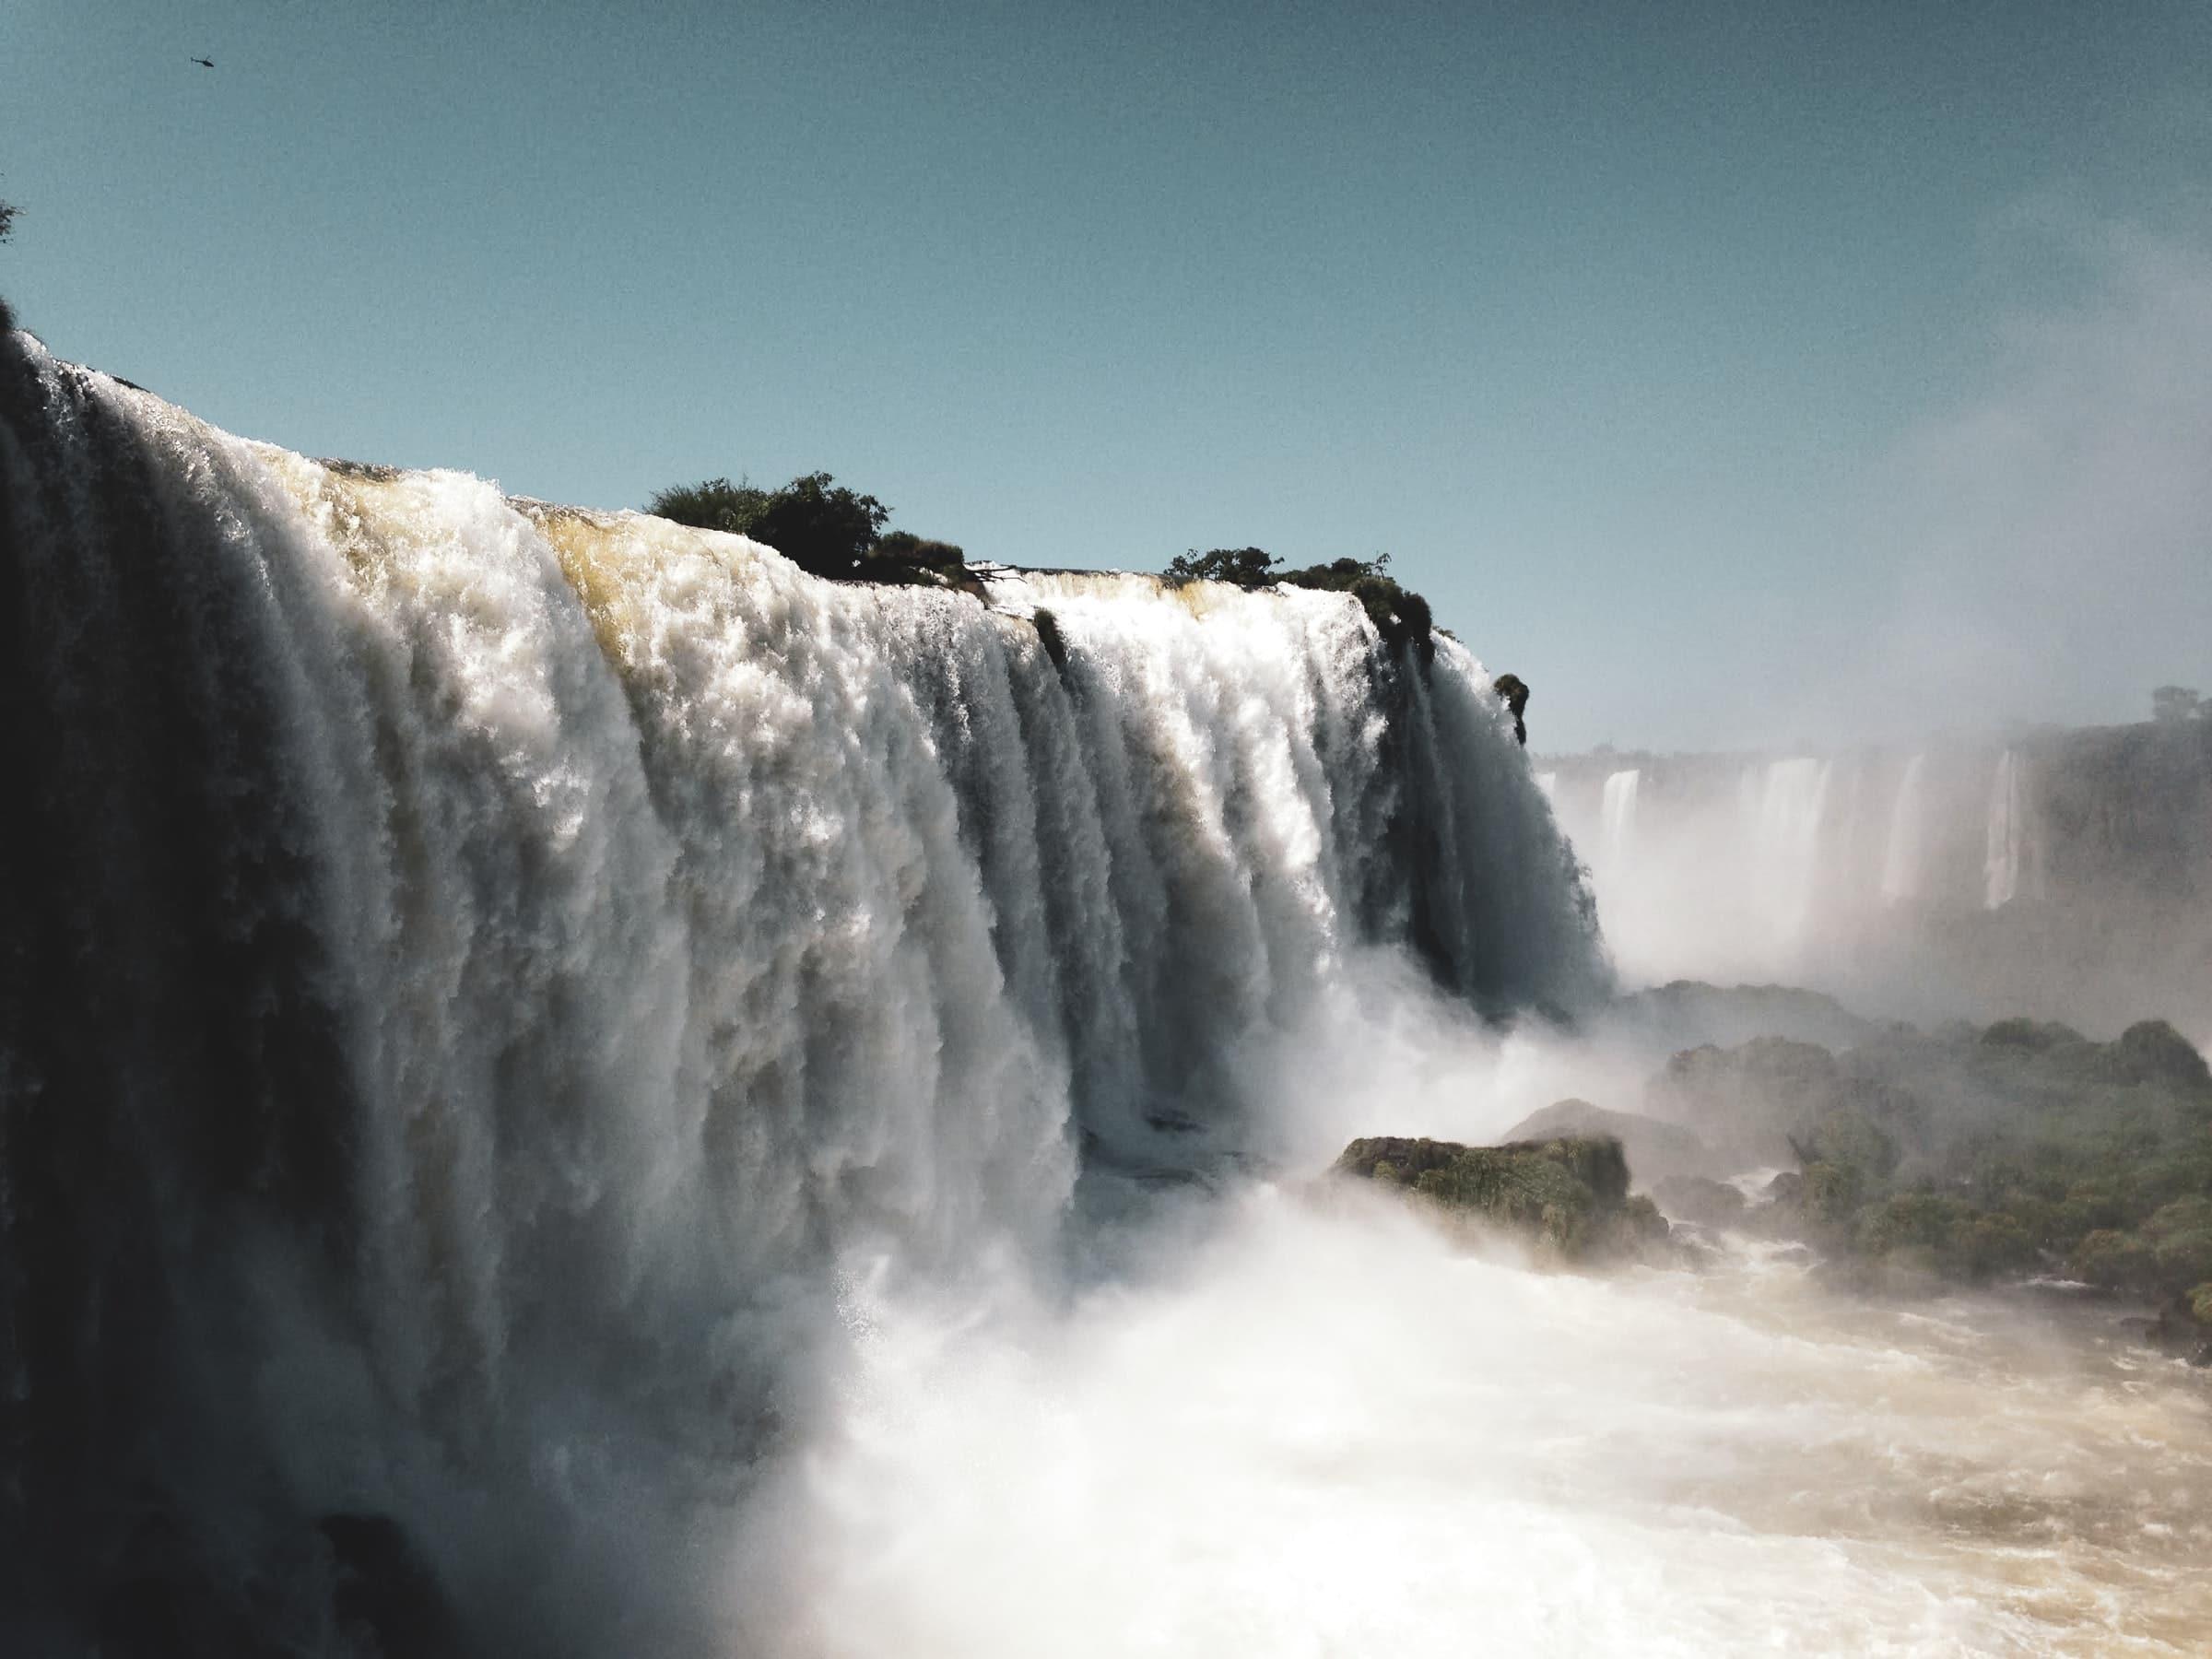 Iguazú-watervallen | De 7 natuur wereldwonderen